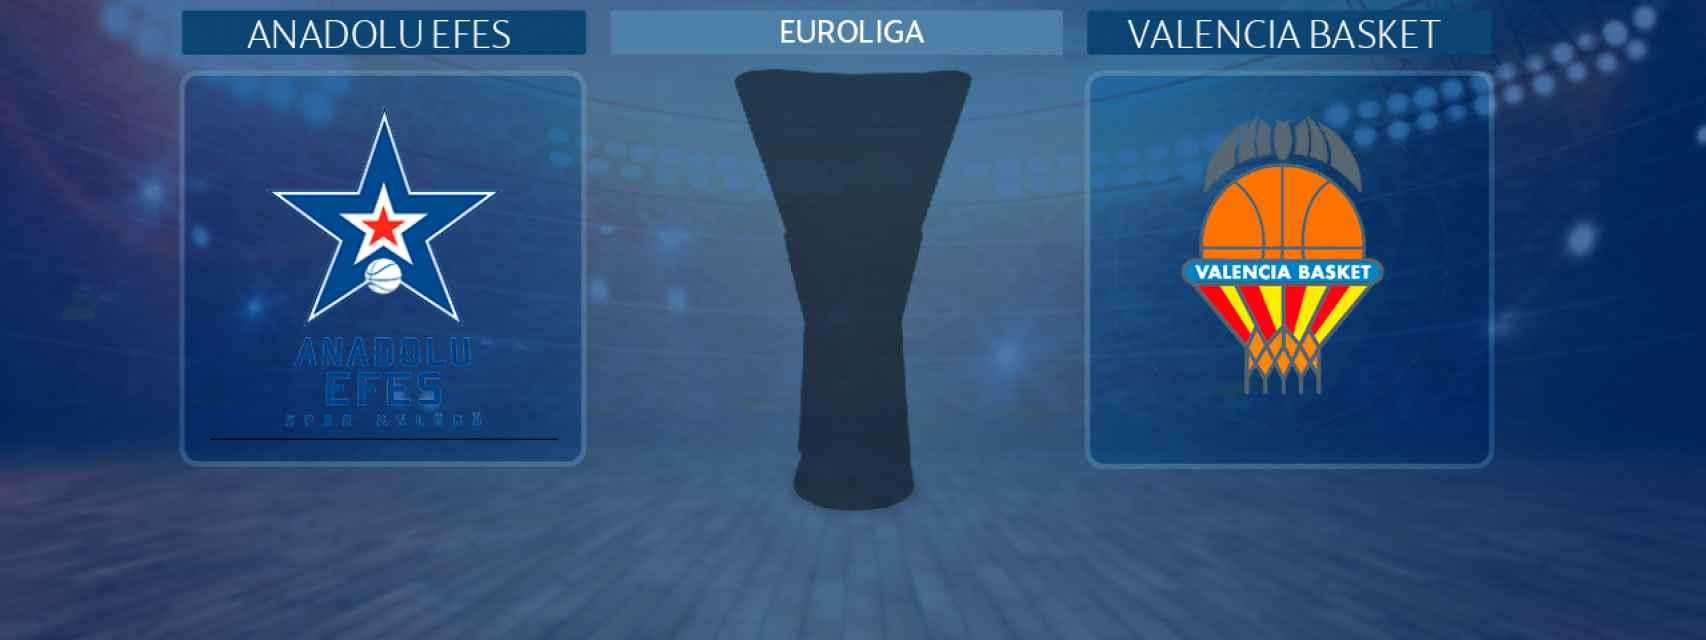 Anadolu Efes - Valencia Basket, partido de la Euroliga